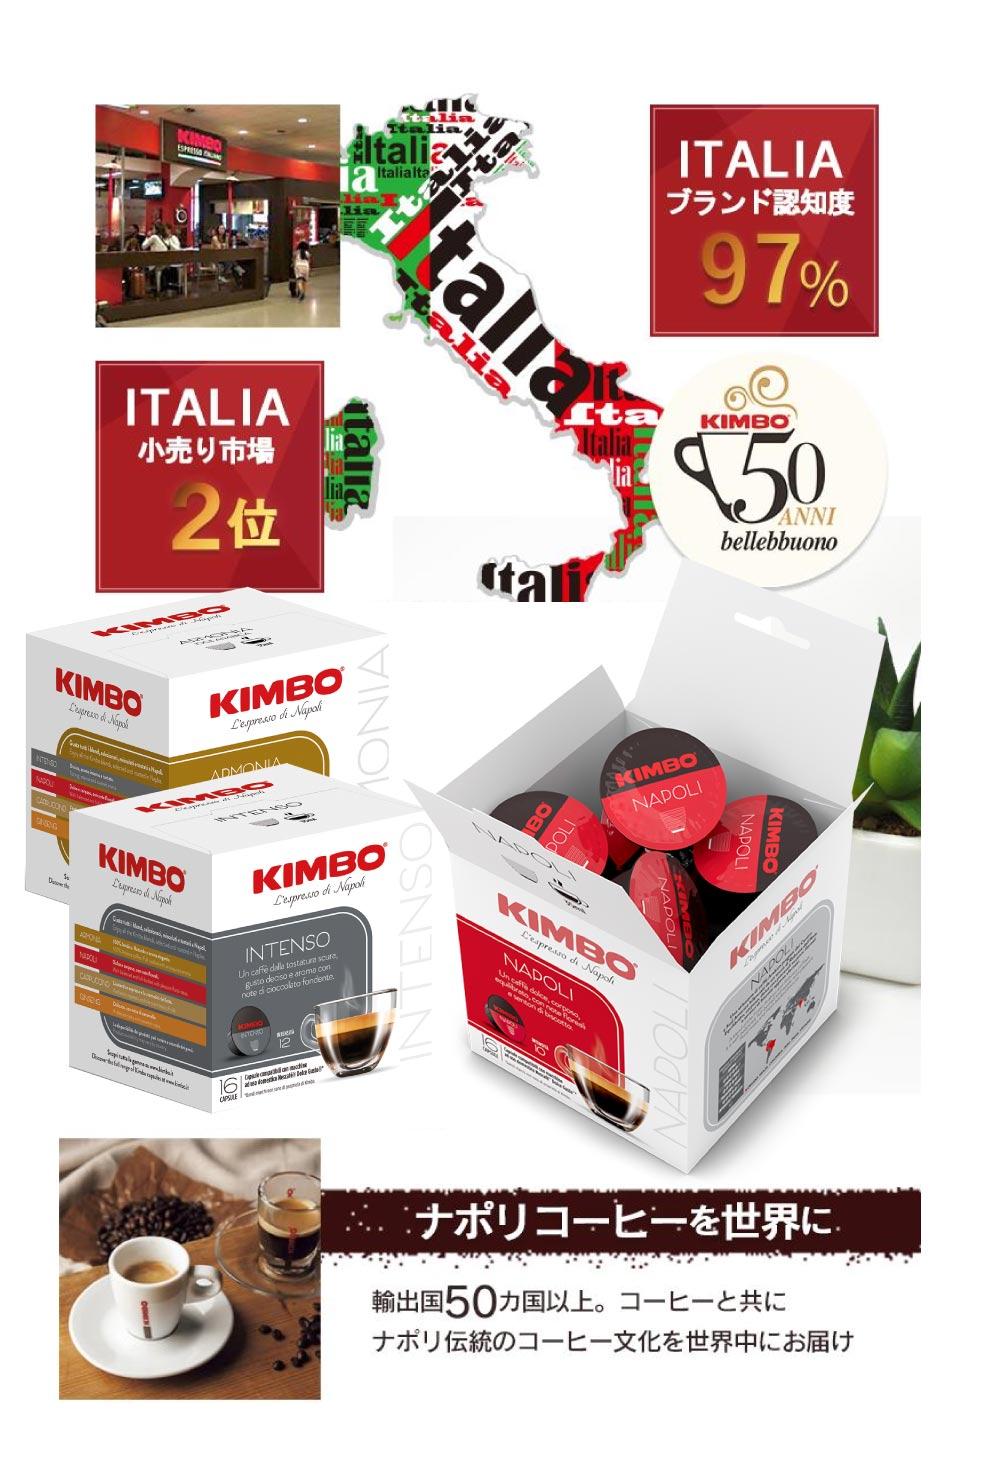 キンボ ドルチェグスト用カプセルコーヒー 南イタリアNO1